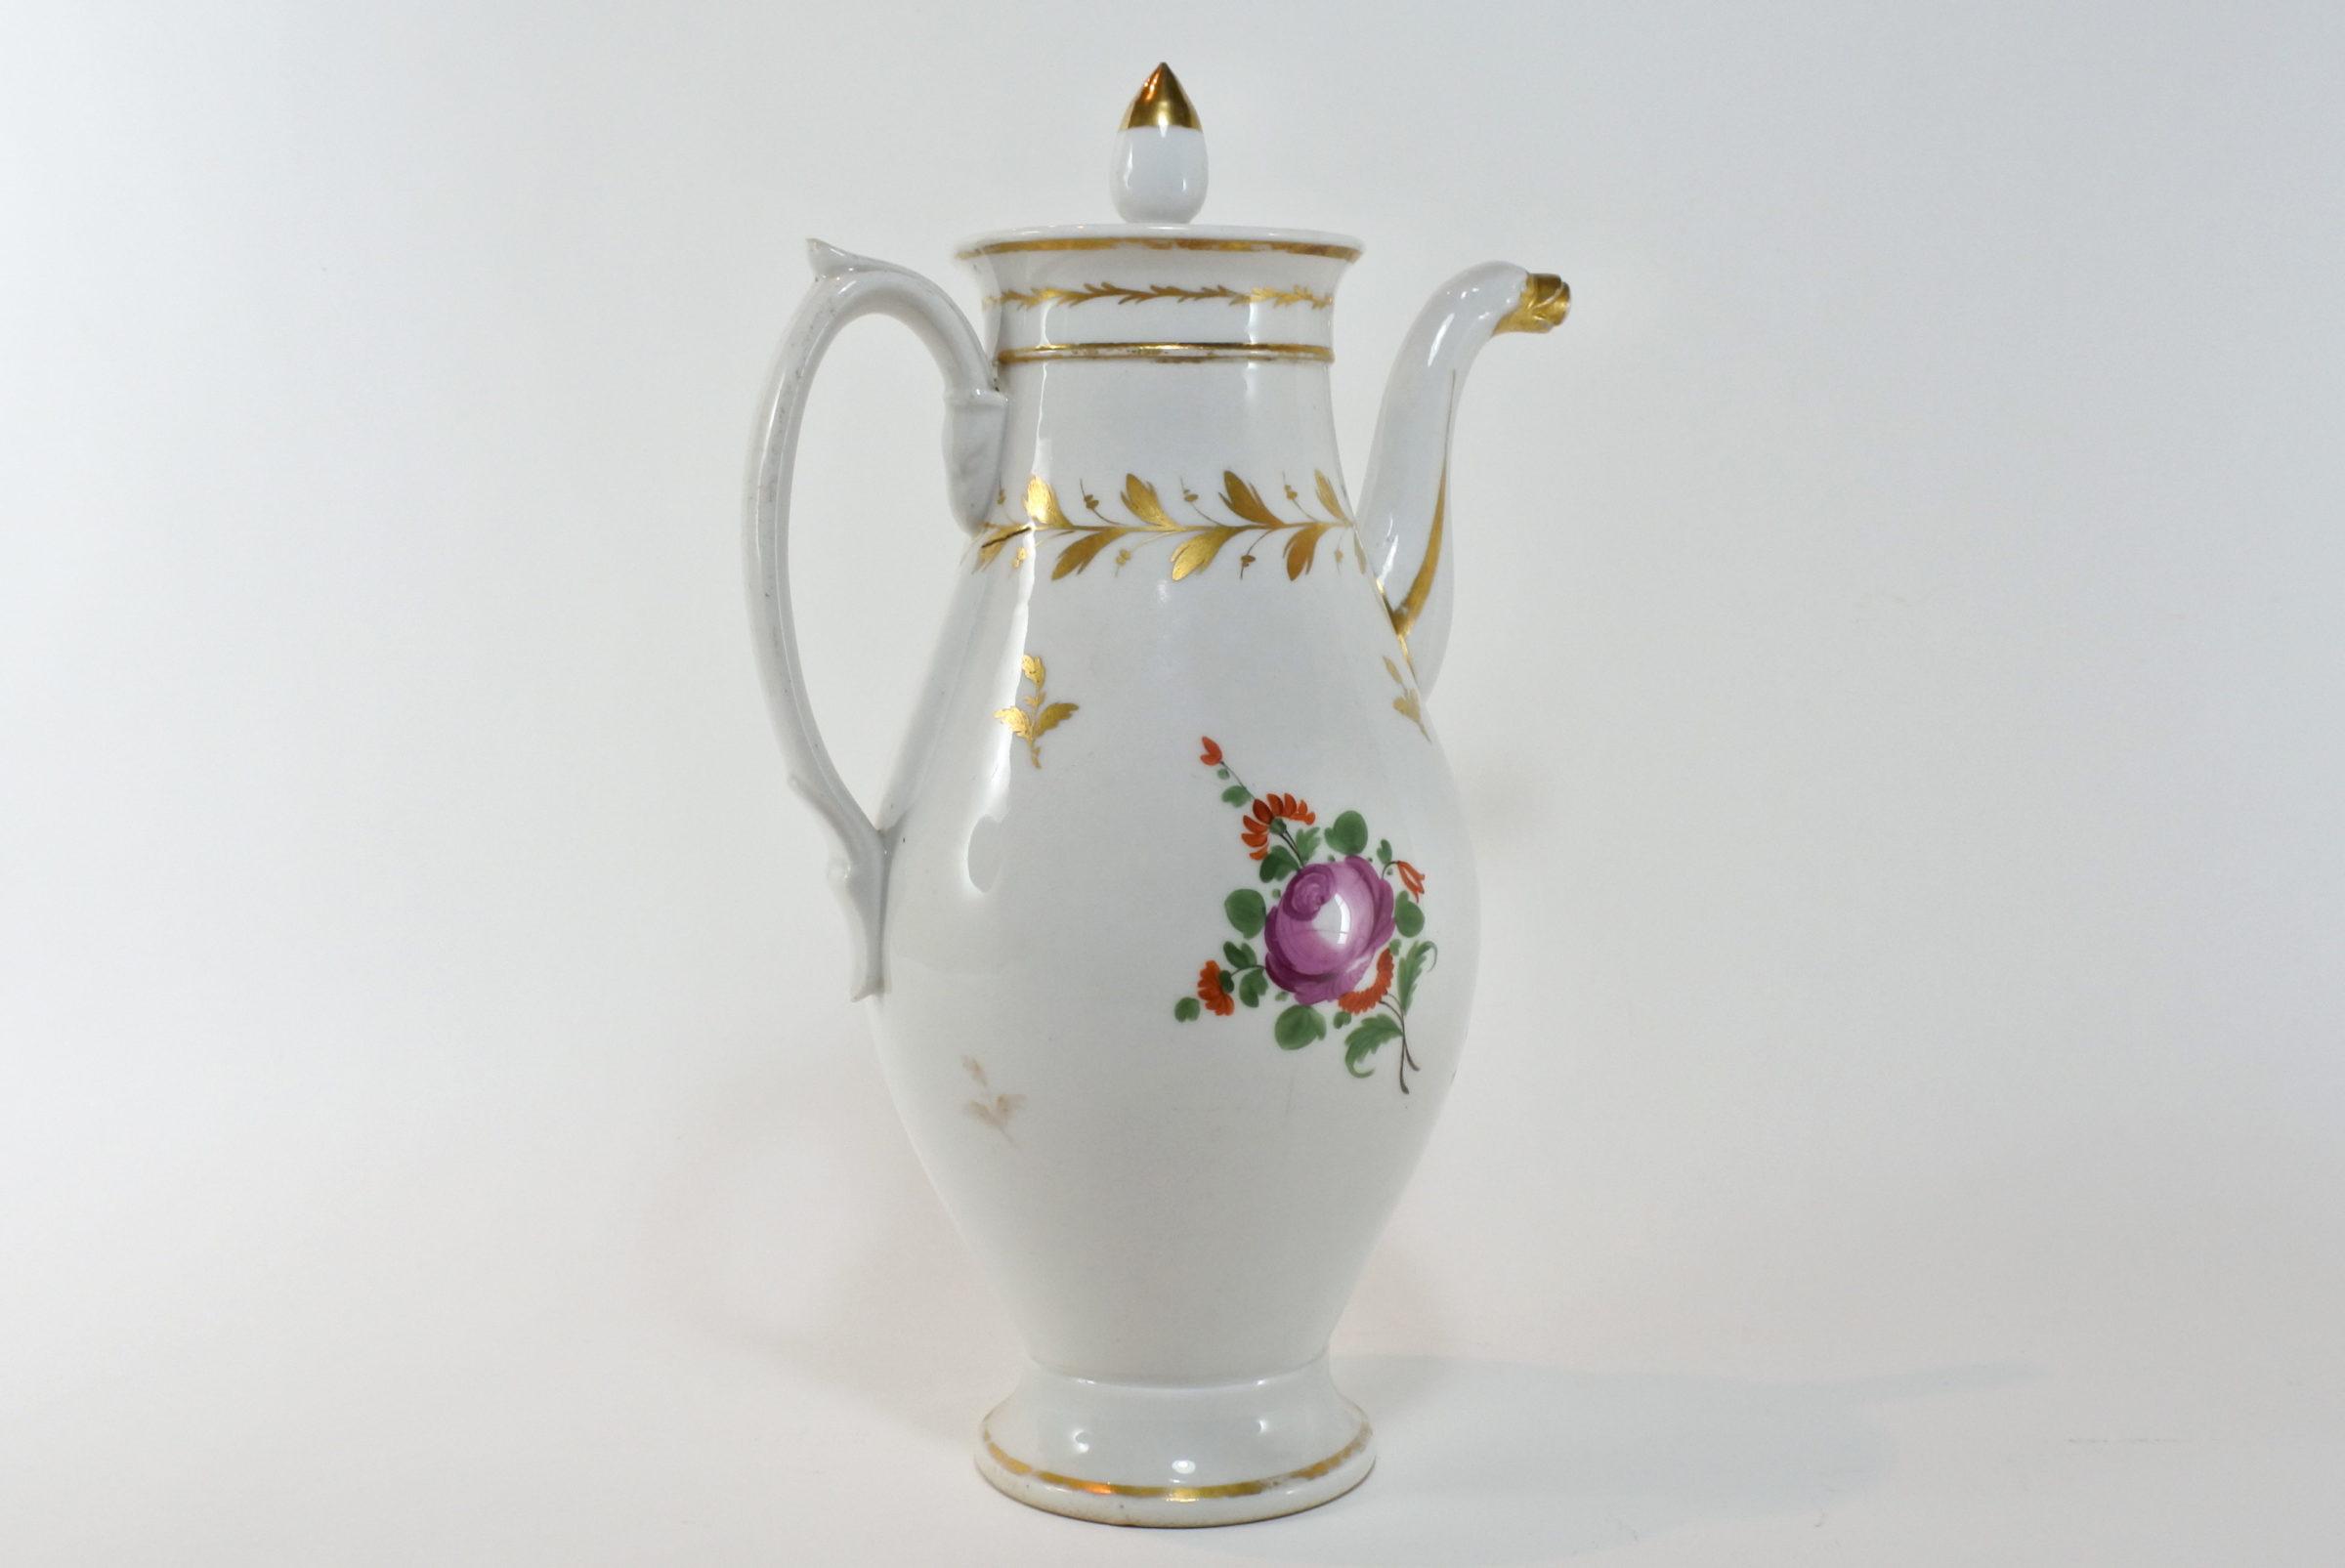 Caffettiera in porcellana Vecchia Parigi - Vieux Paris. Decoro con fiori - 3